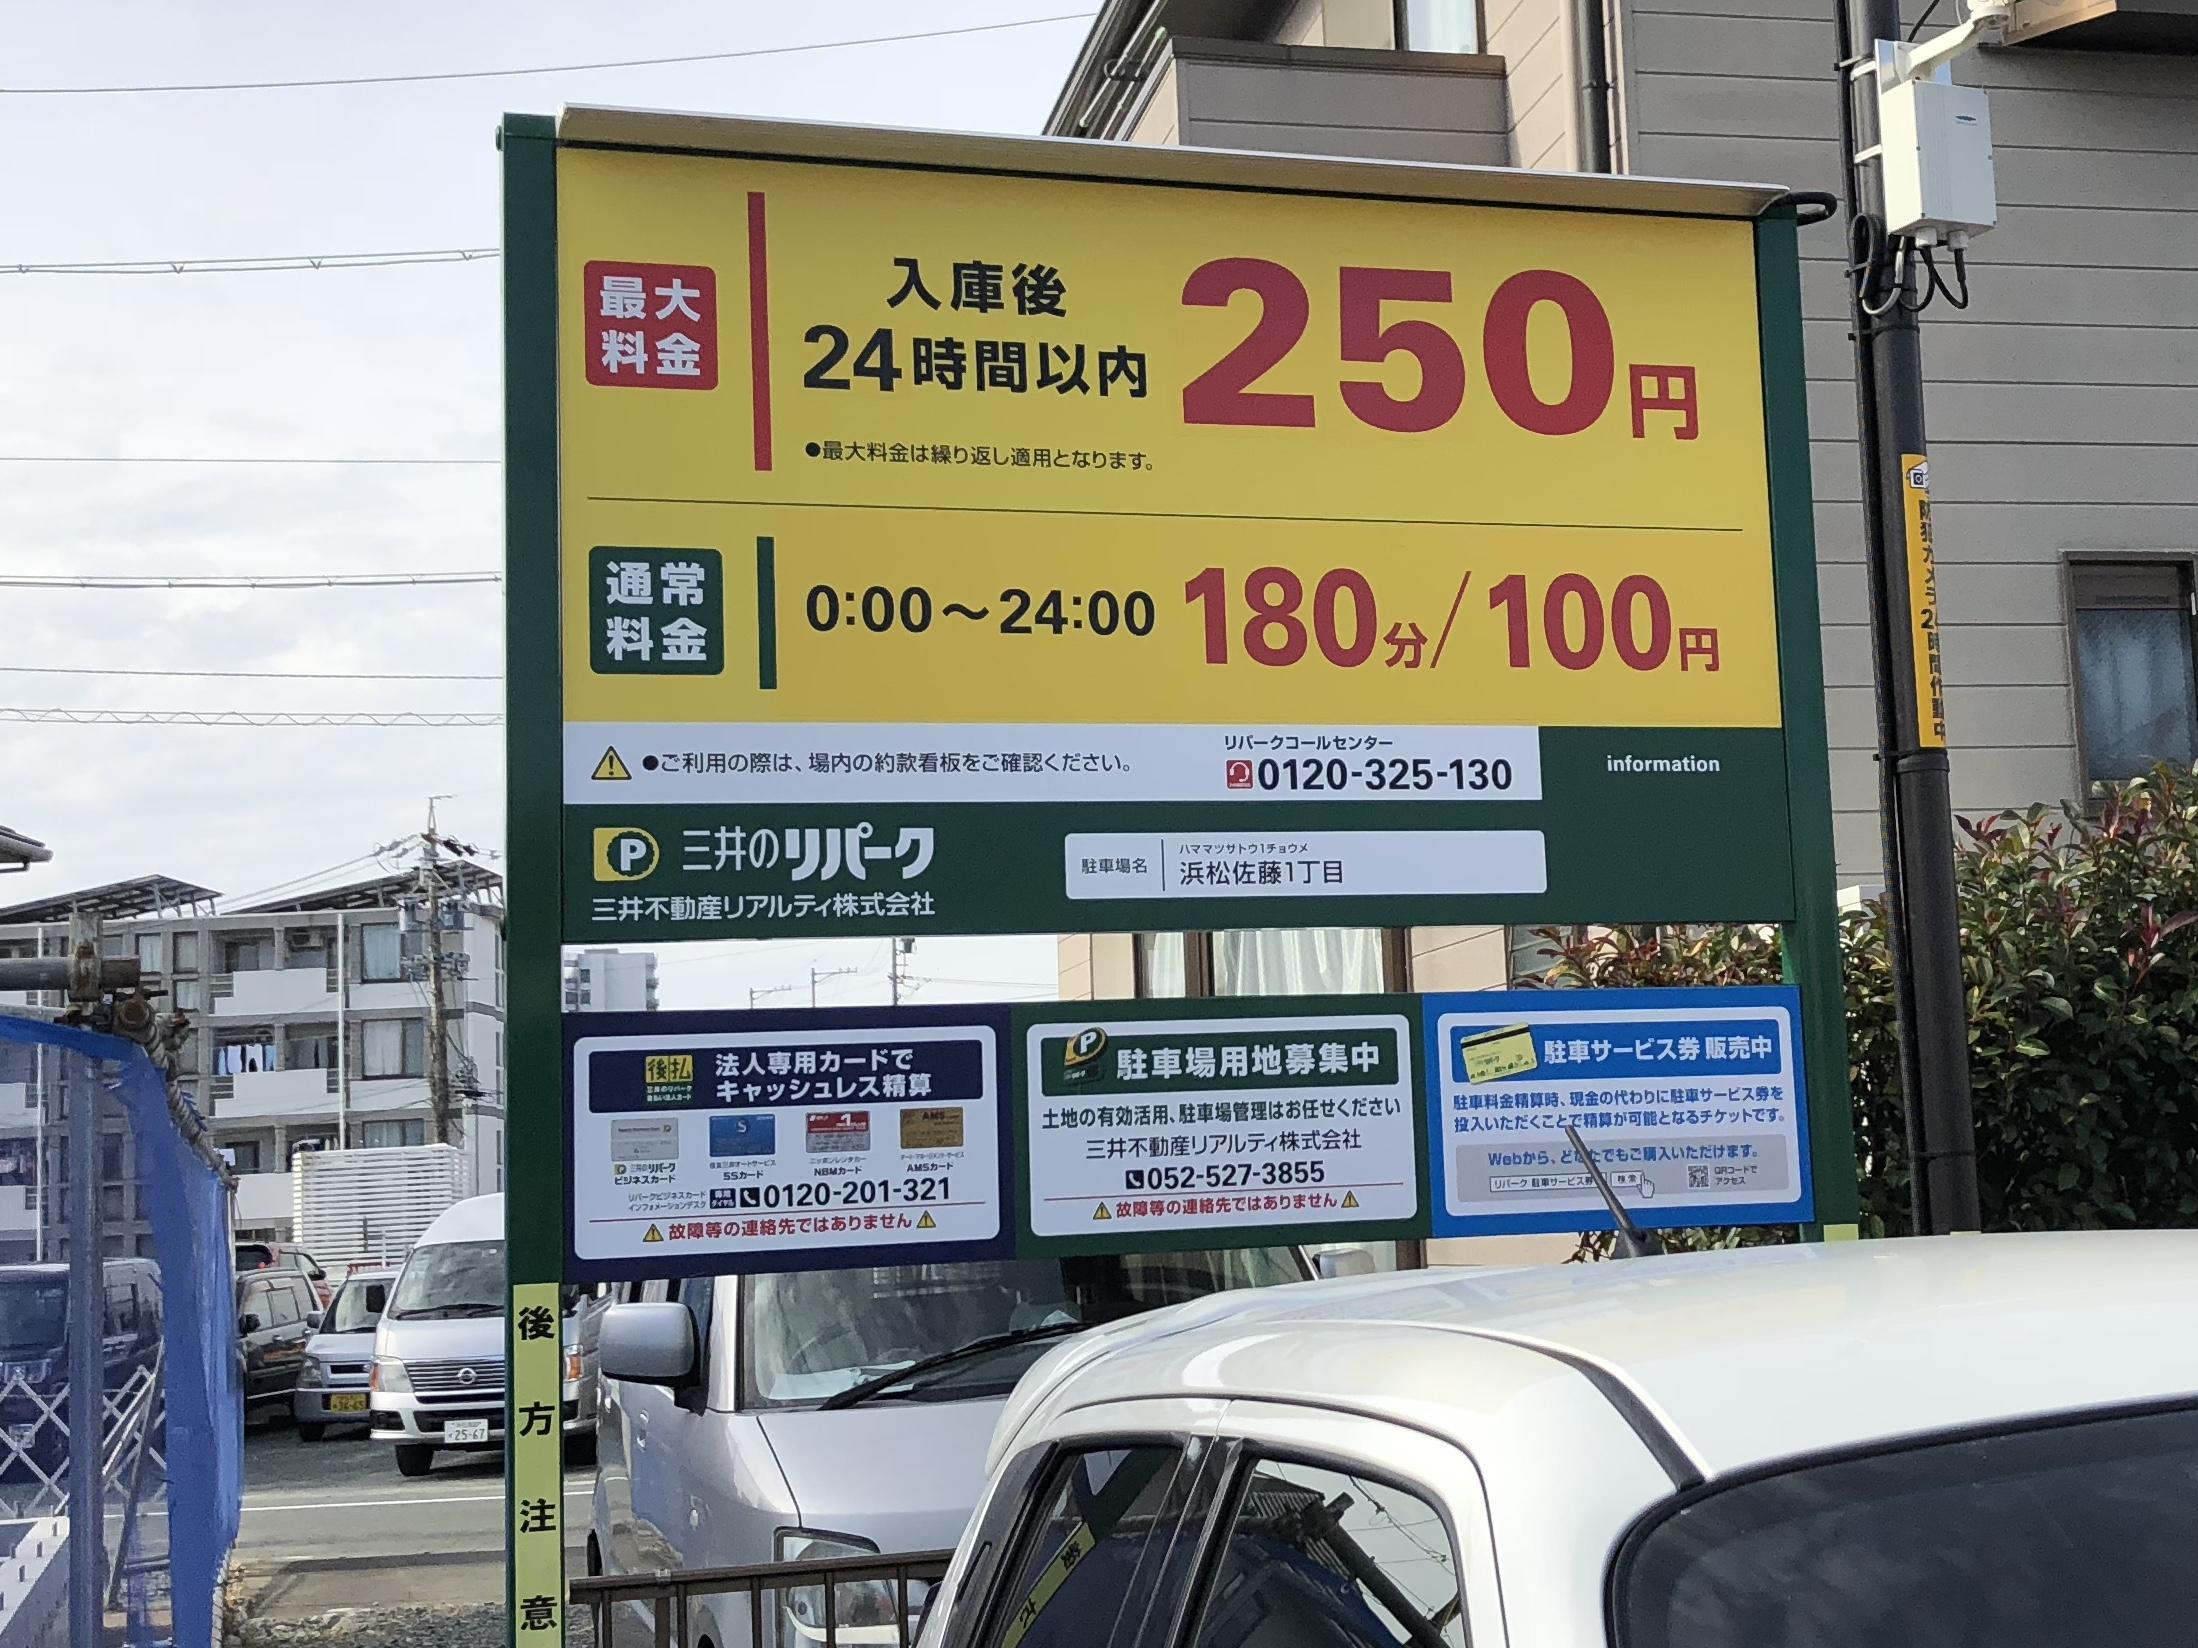 浜松餃子 人気の行列のできる店 福みつ